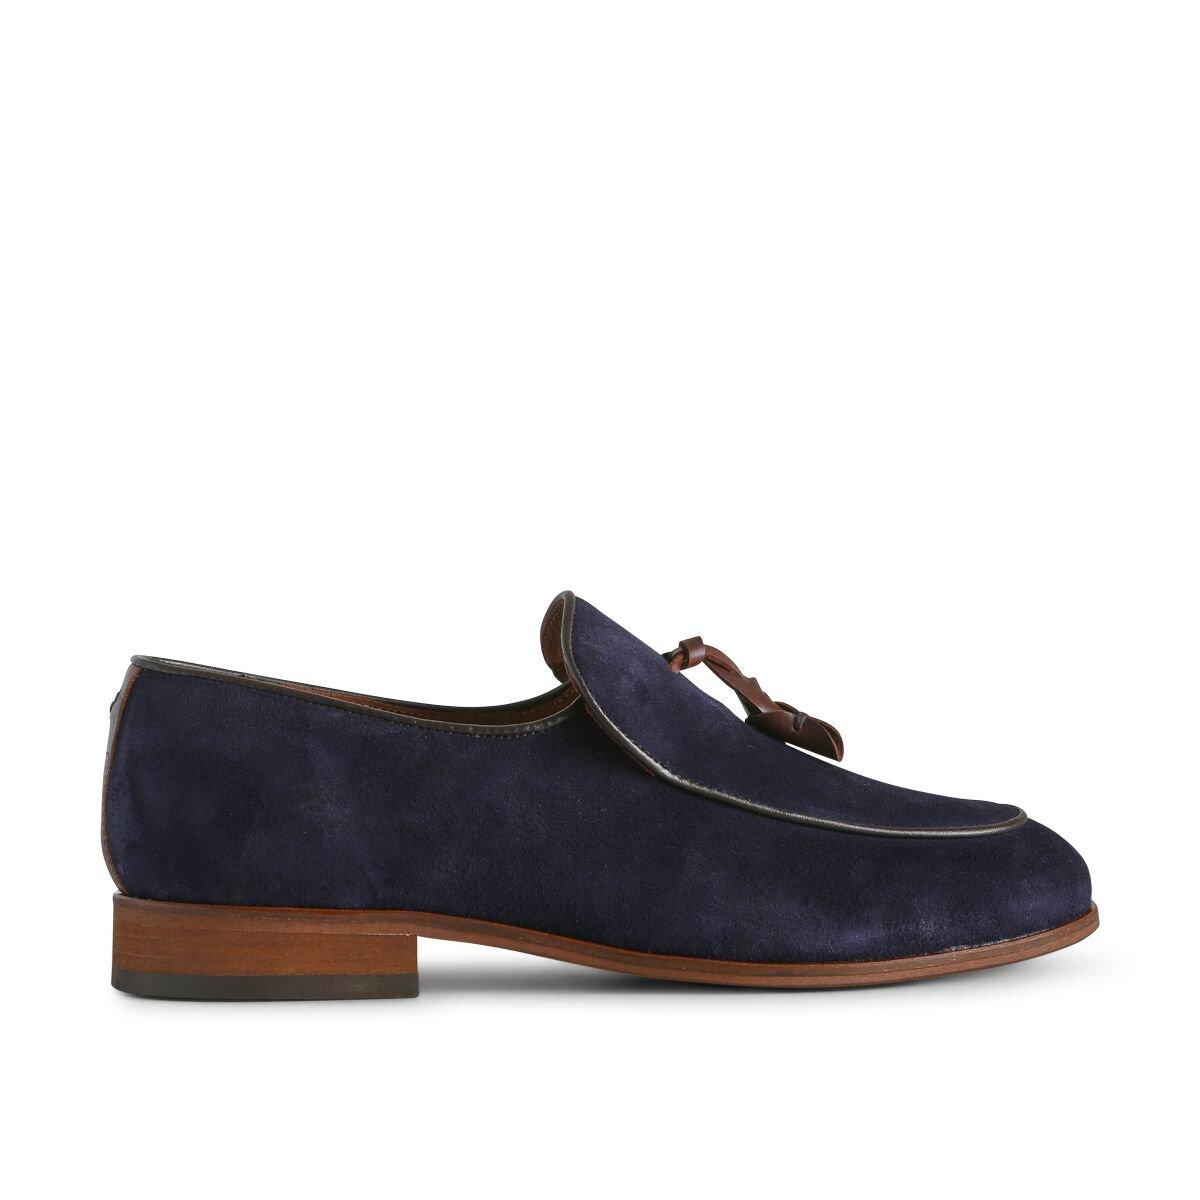 TALLA 42 EU. Shoe The Bear Luc S, Mocasines para Hombre